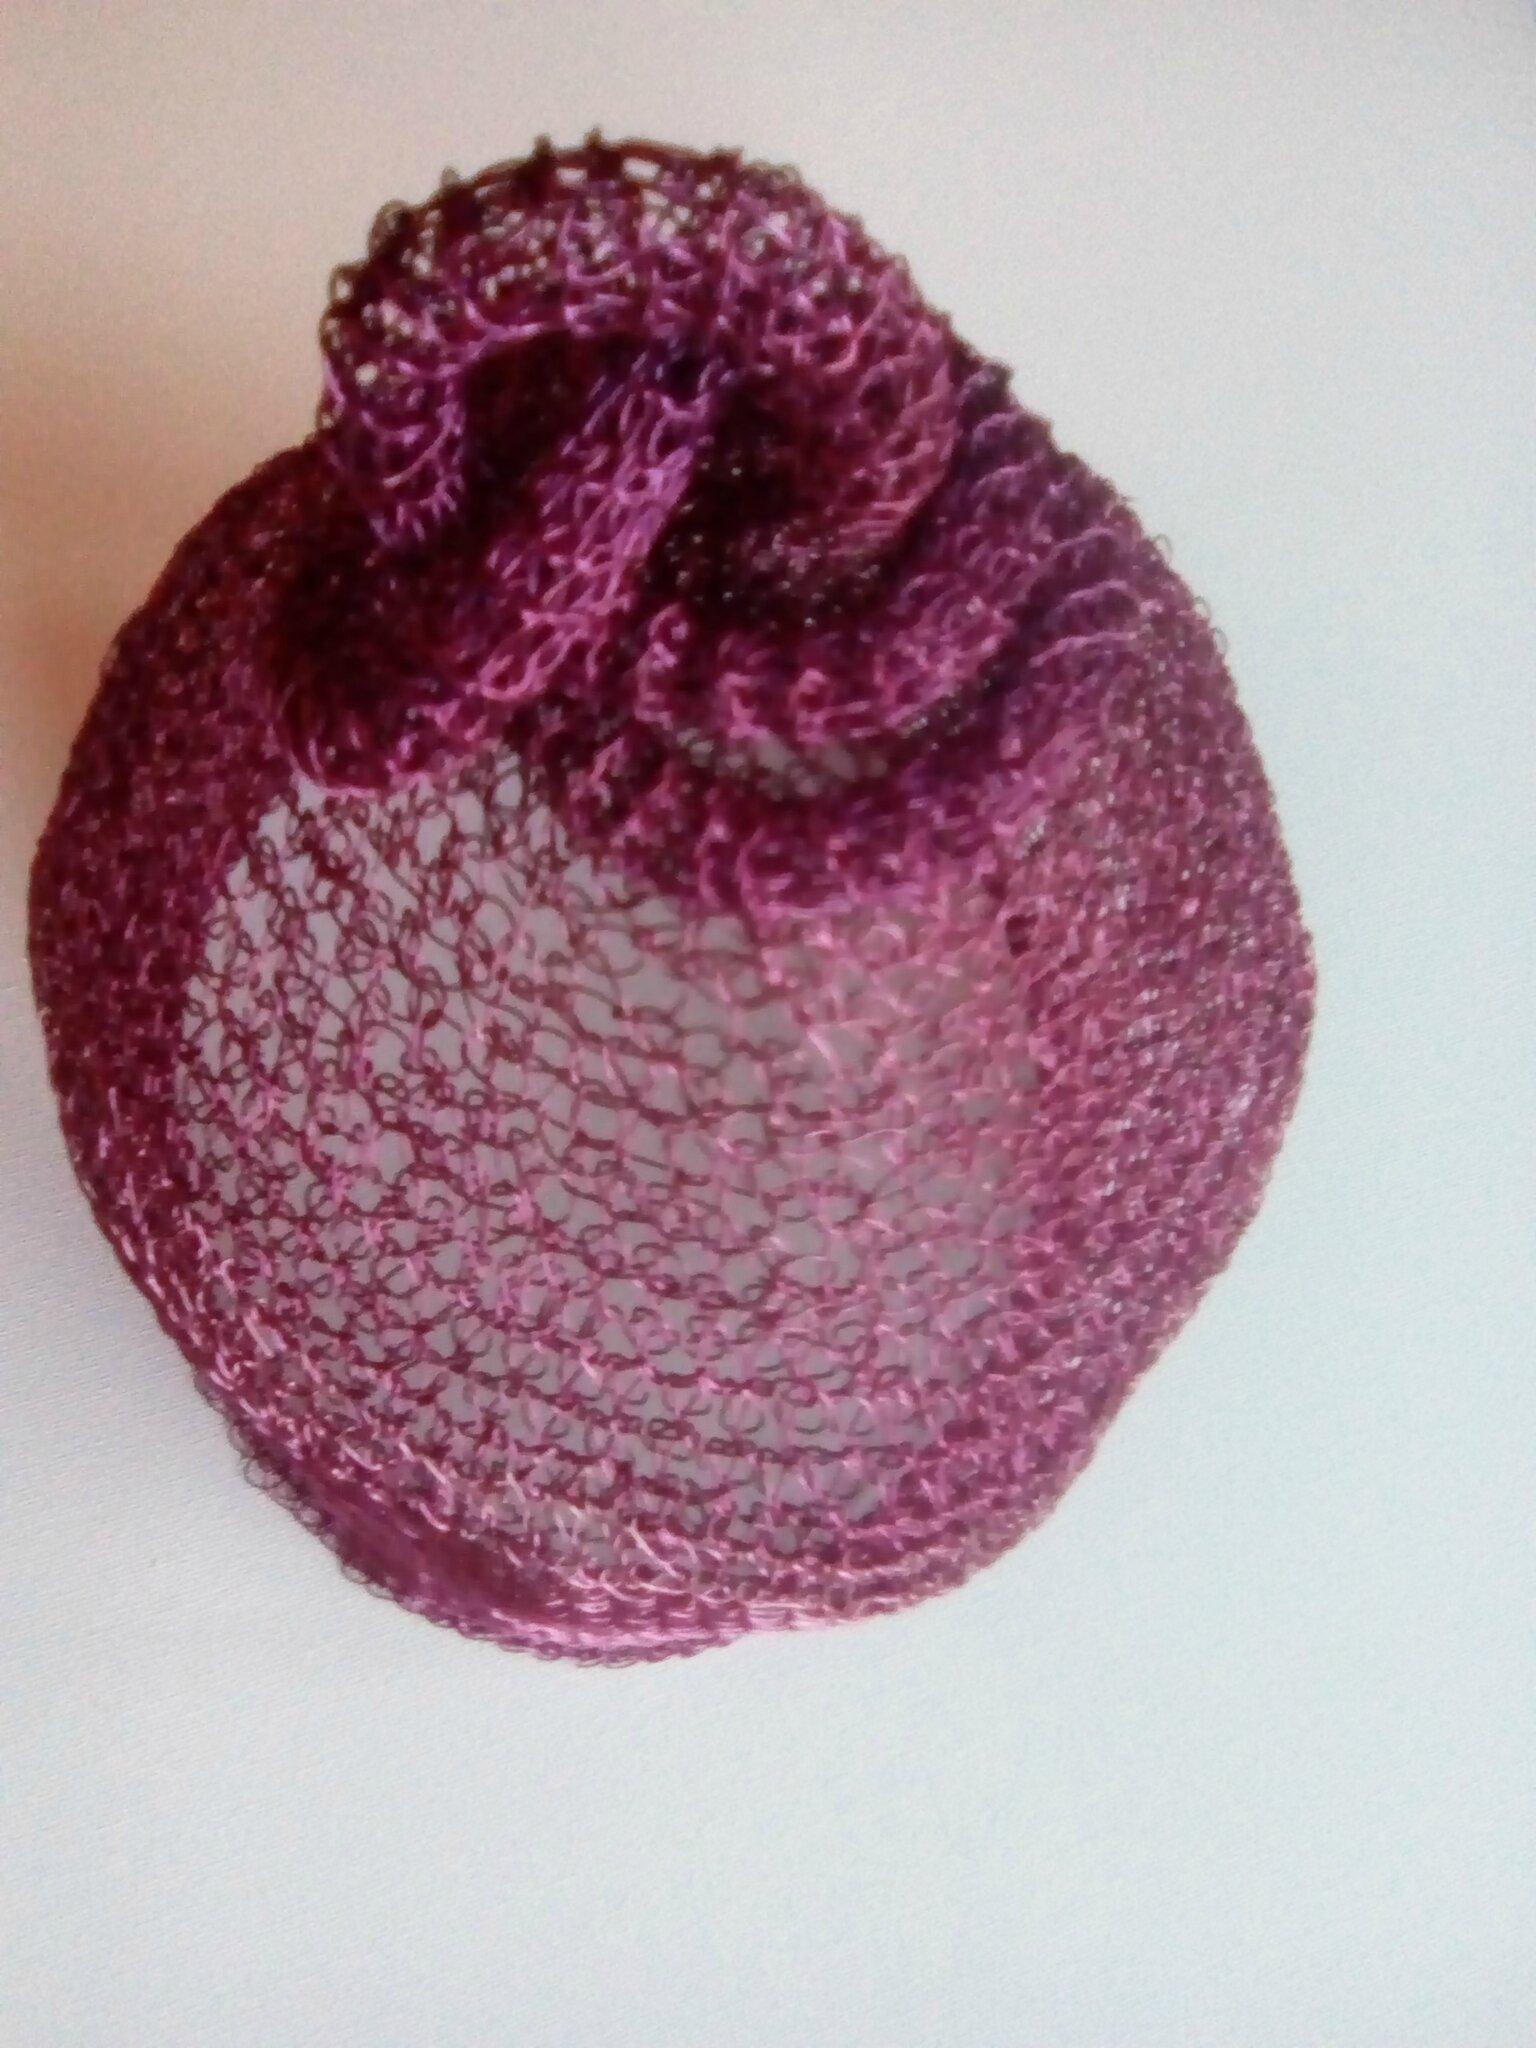 Crochet. Fil laiton 0.5mm. Technique tubulaire personnelle